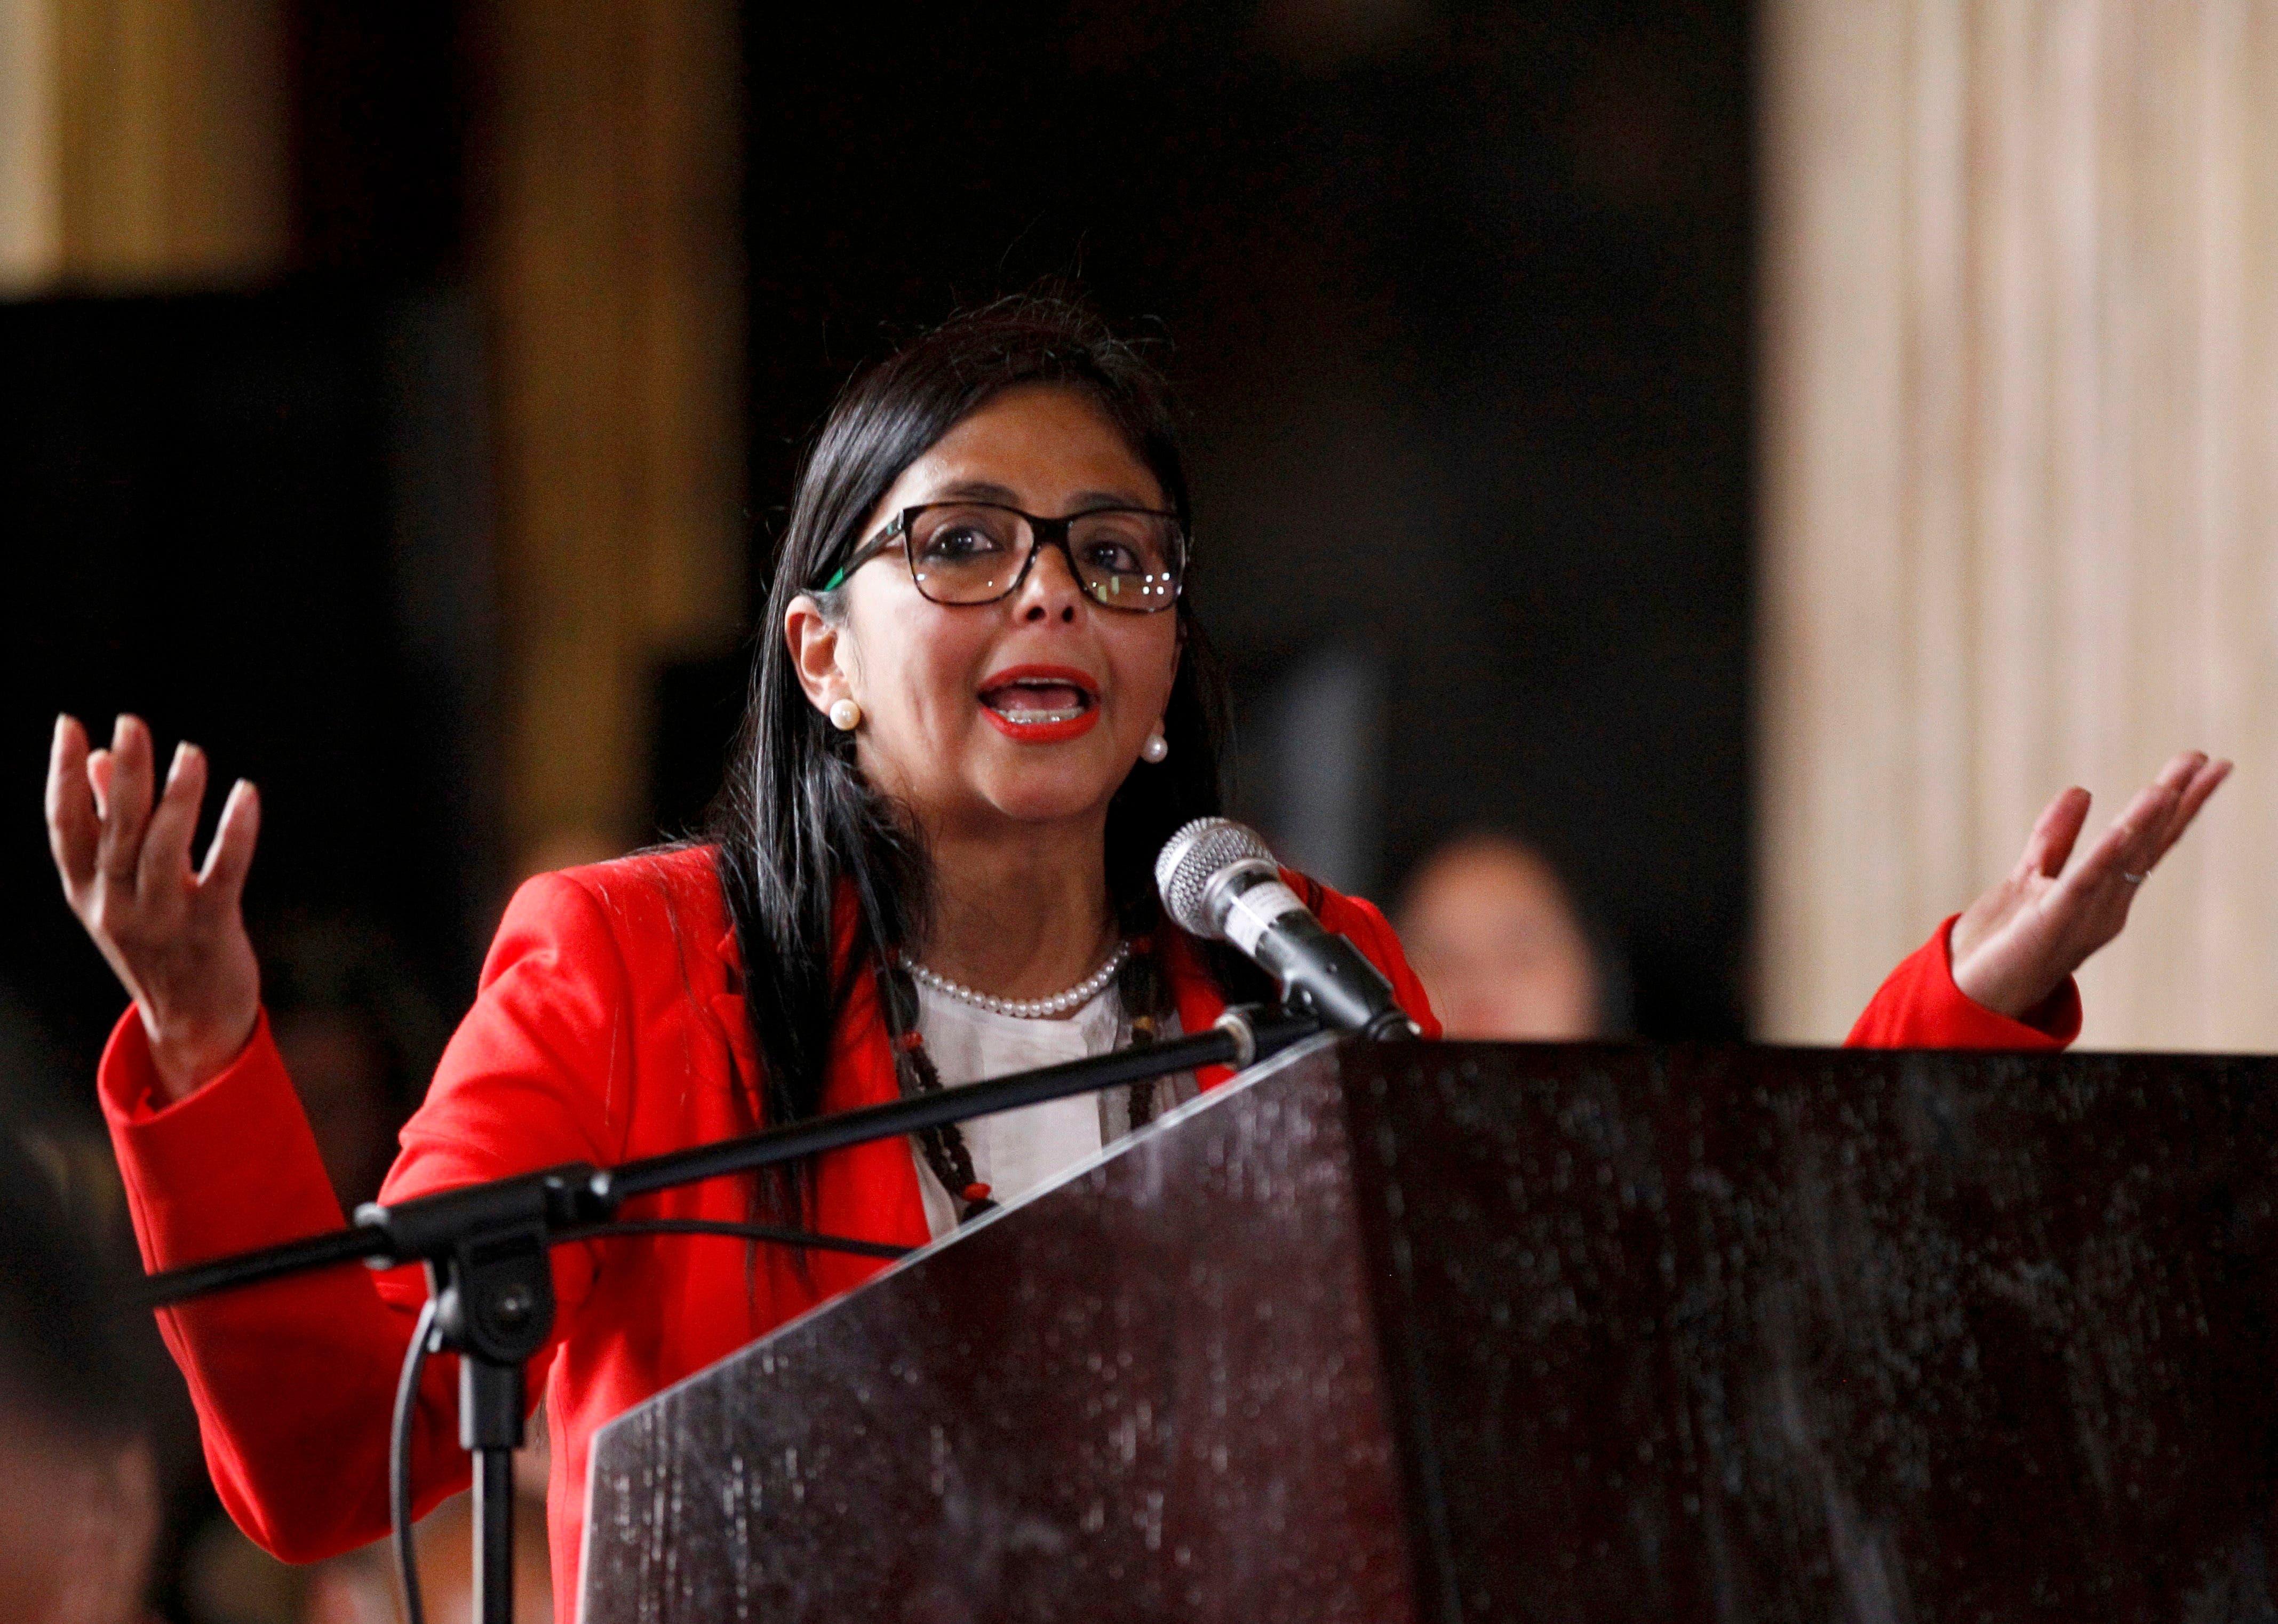 La presidenta de la Asamblea Constituyente de Venezuela, Delcy Rodríguez, habla después de la ceremonia de toma de posesión del organismo en Caracas, el viernes 4 de agosto de 2017. (AP Foto/Ariana Cubillos)